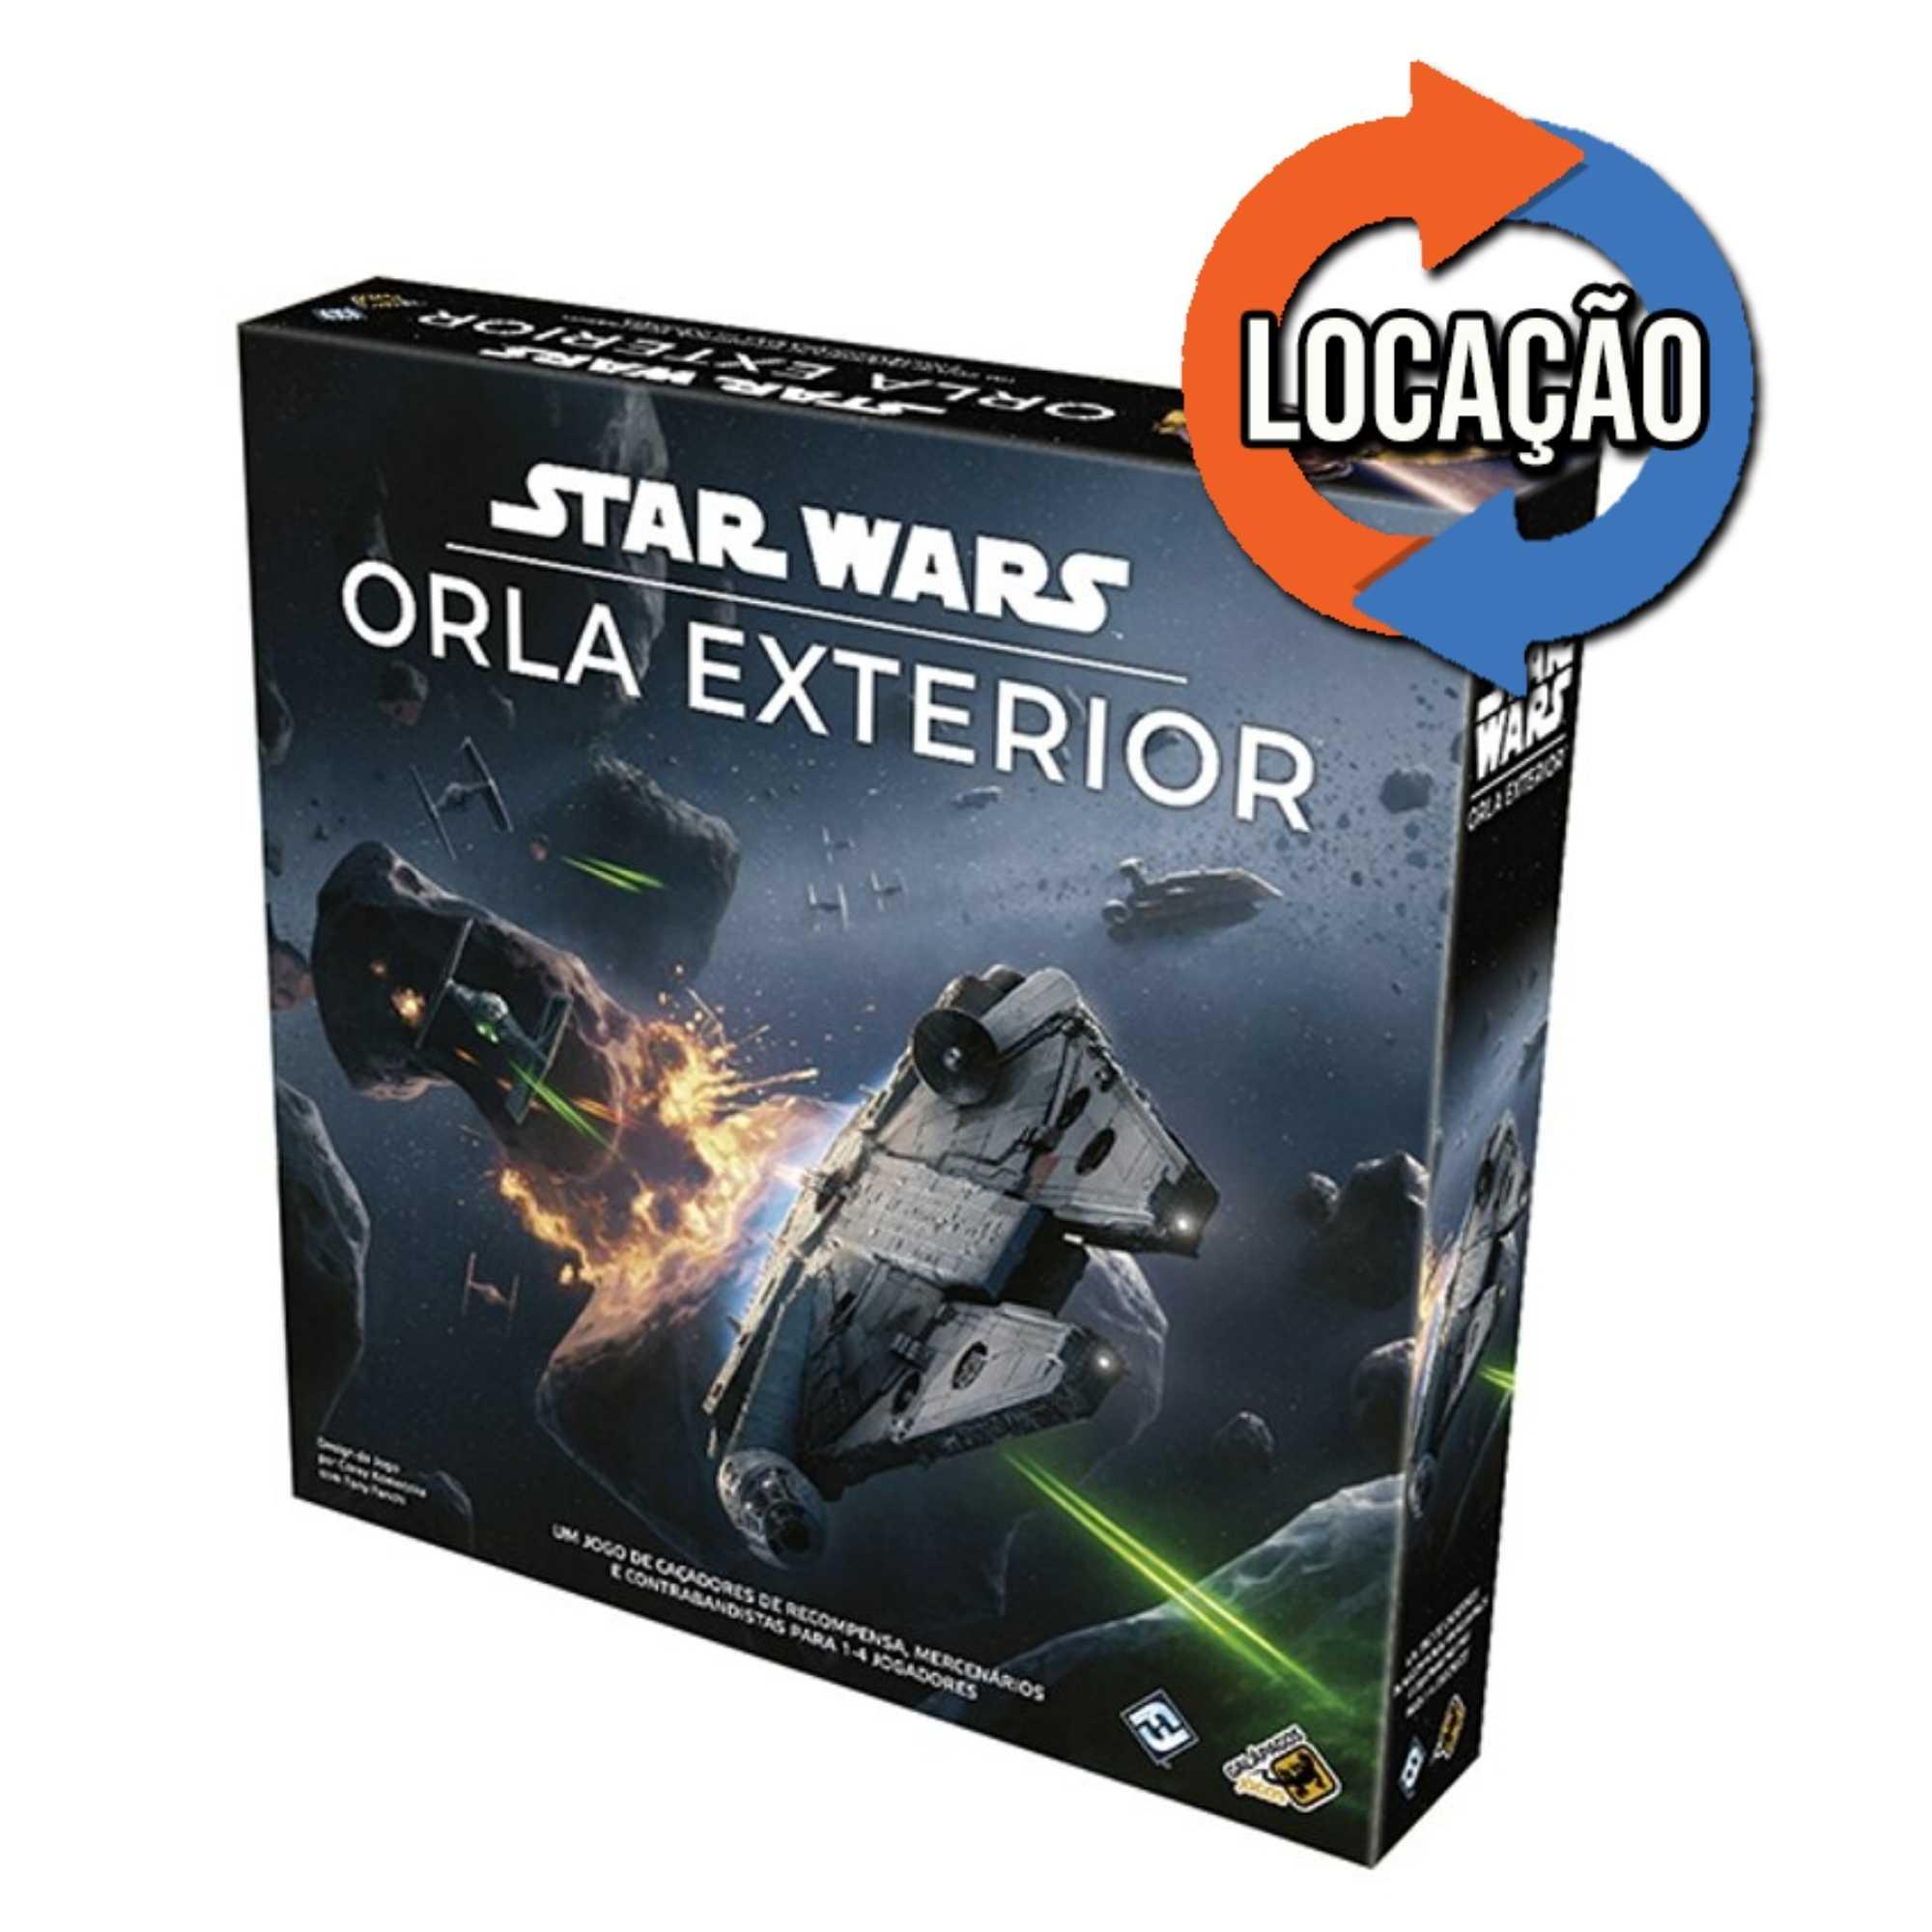 Star Wars: Orla Exterior (Locação)